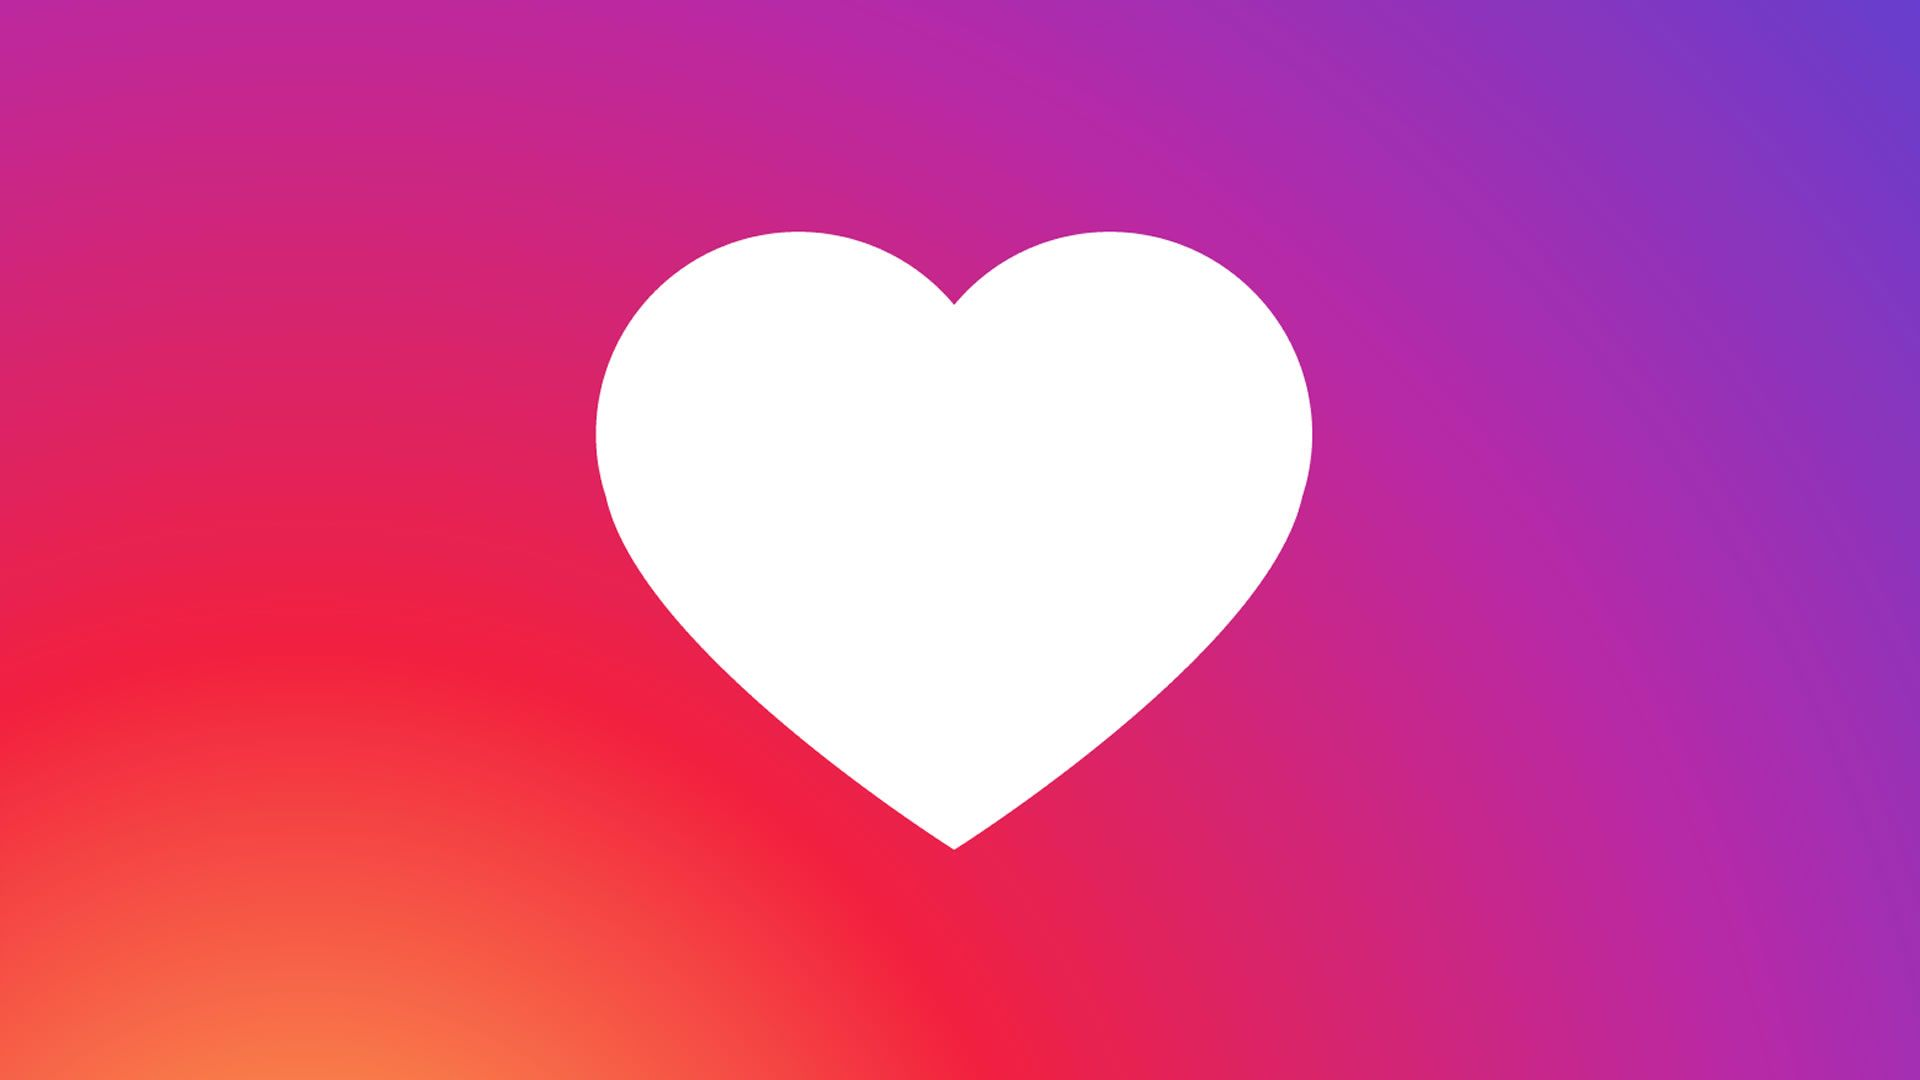 ¿Quiénes comparten más fotos de viajes en Instagram, hombres o mujeres?